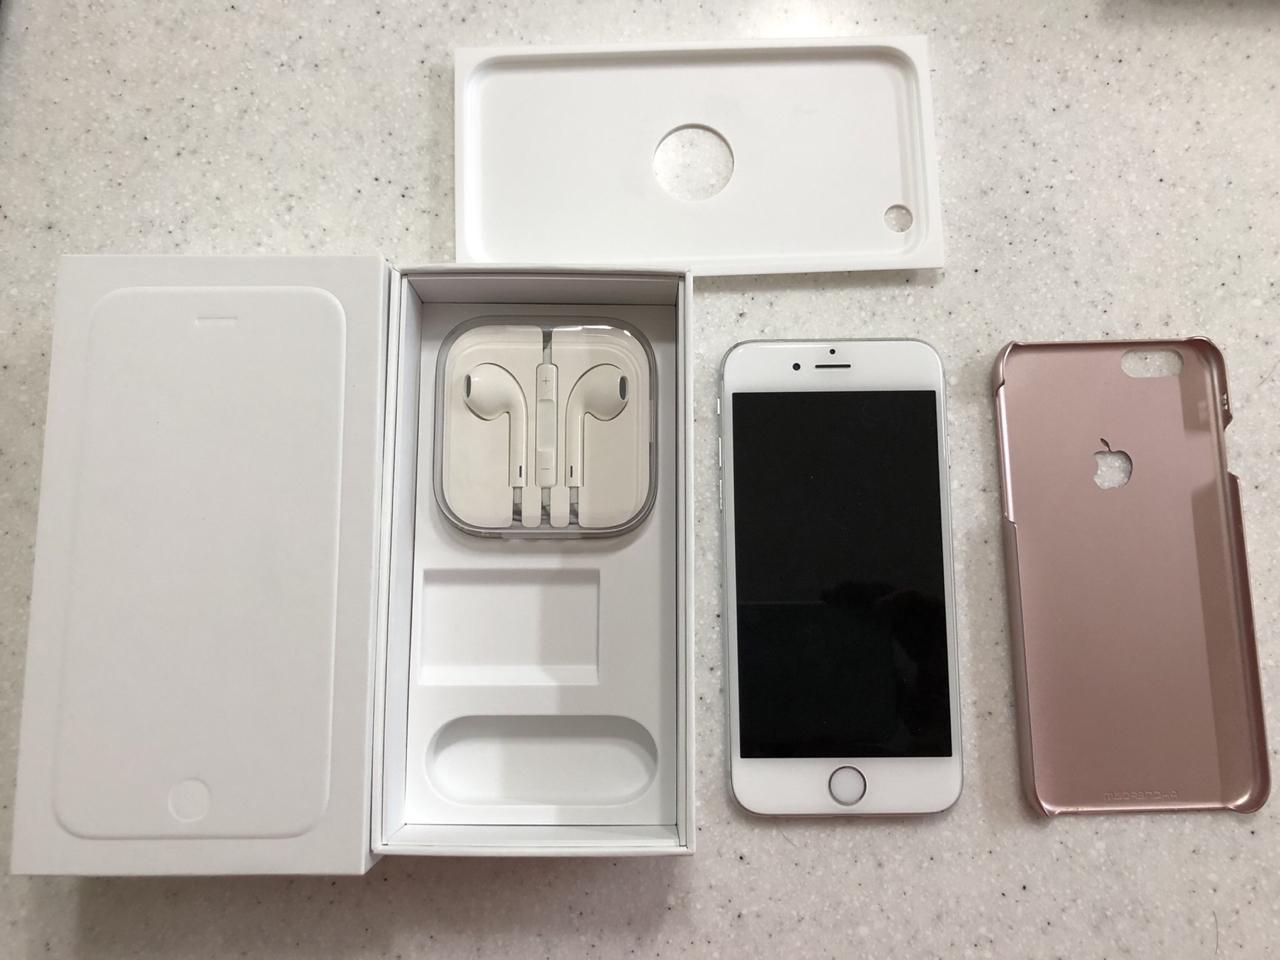 [가격다운]아이폰6(64기가, 정상해지, 3사이용가능, 25%할인요금제 가능)